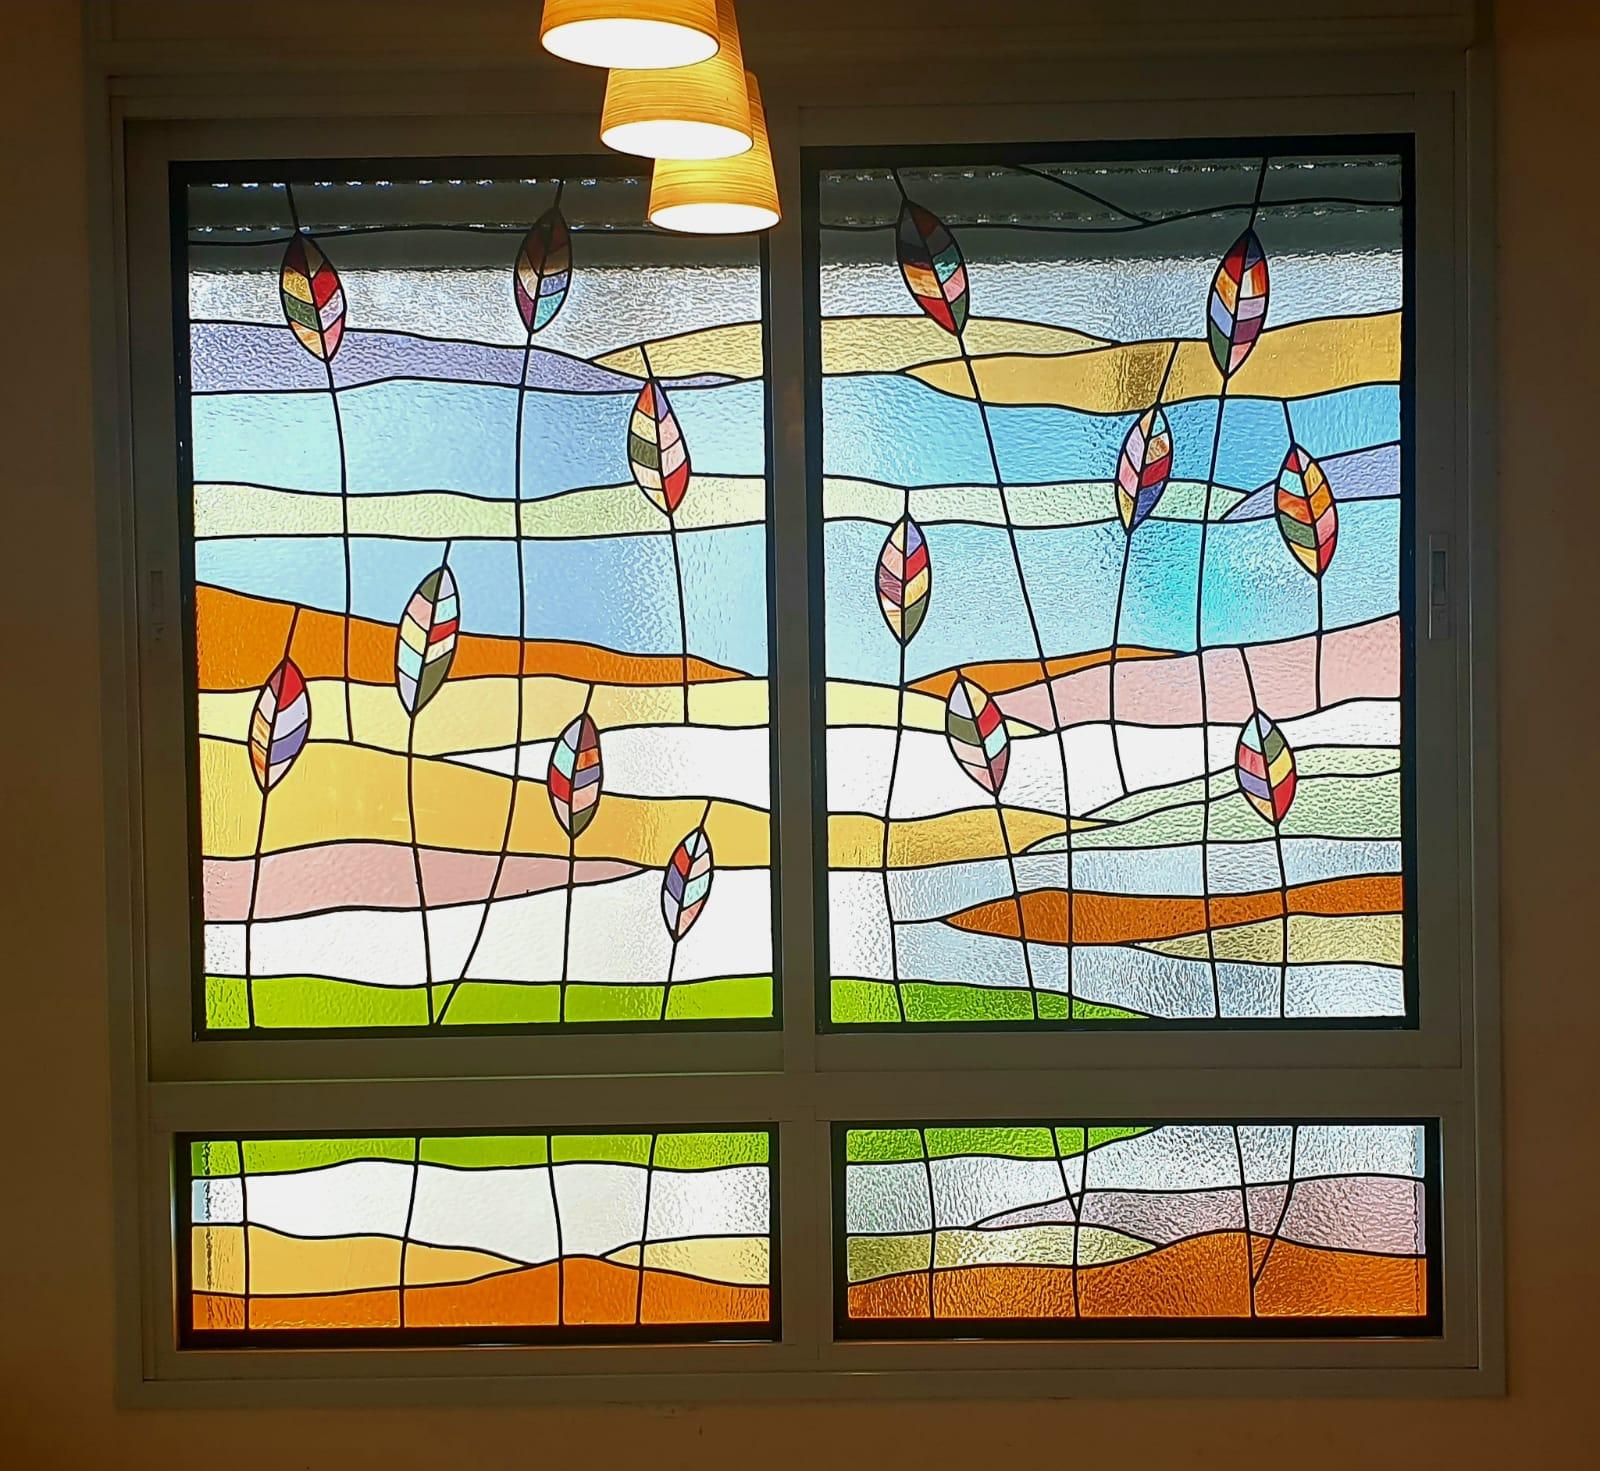 חלונות מעוצבים בויטראז ברחובות